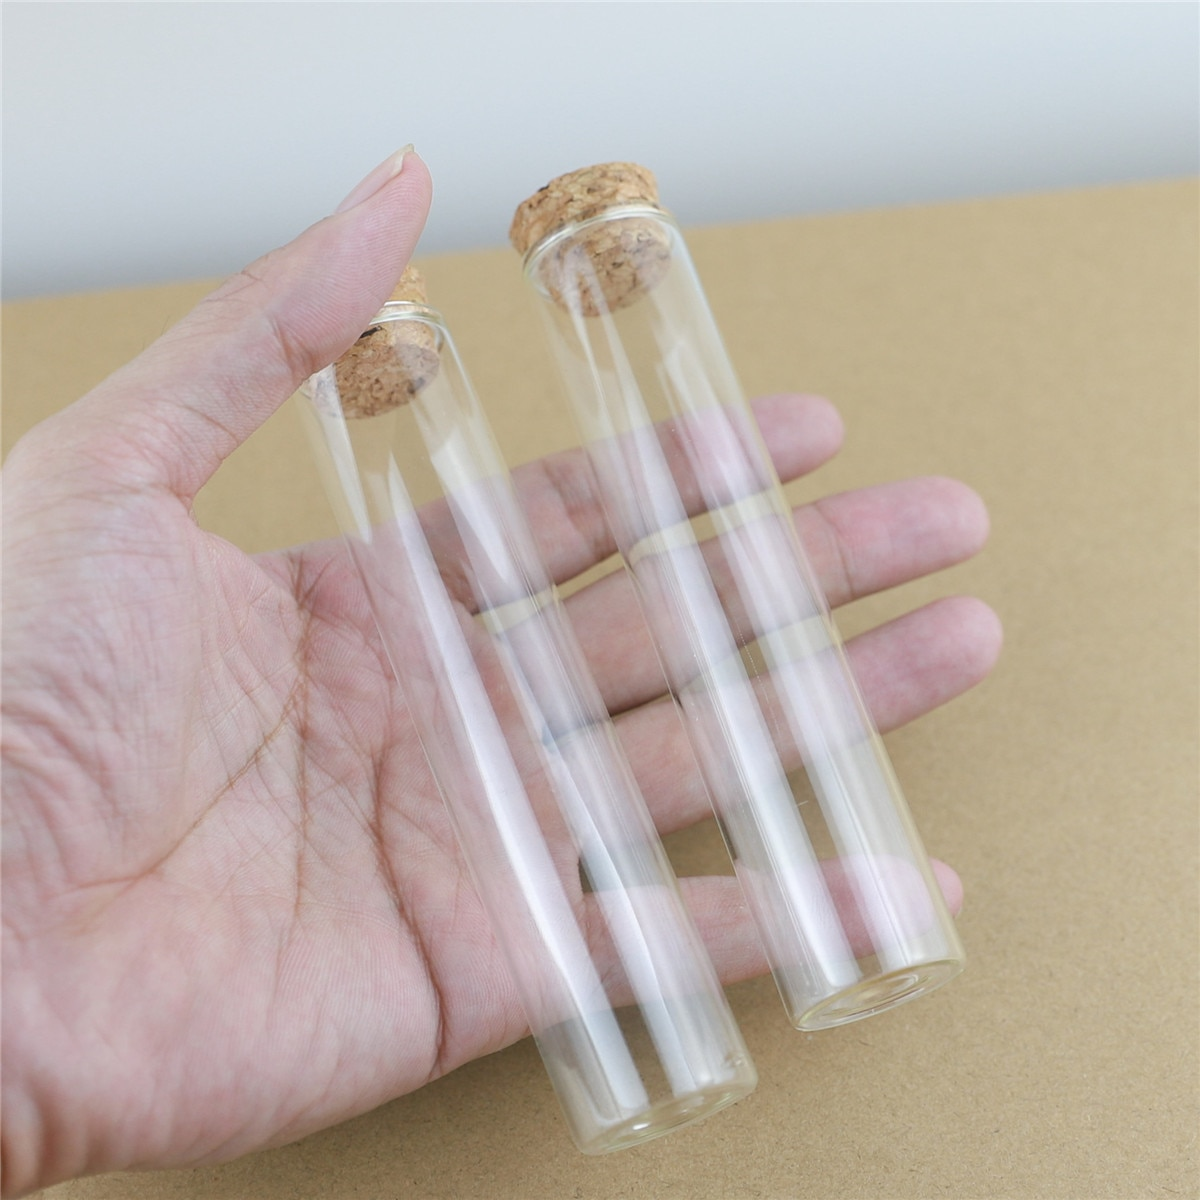 24 قطعة/الوحدة 25*150 مللي متر 55 مللي صغيرة زجاجة اختبار أنبوب الفلين سدادة البسيطة التوابل زجاجات الحاويات صغيرة DIY الجرار قوارير